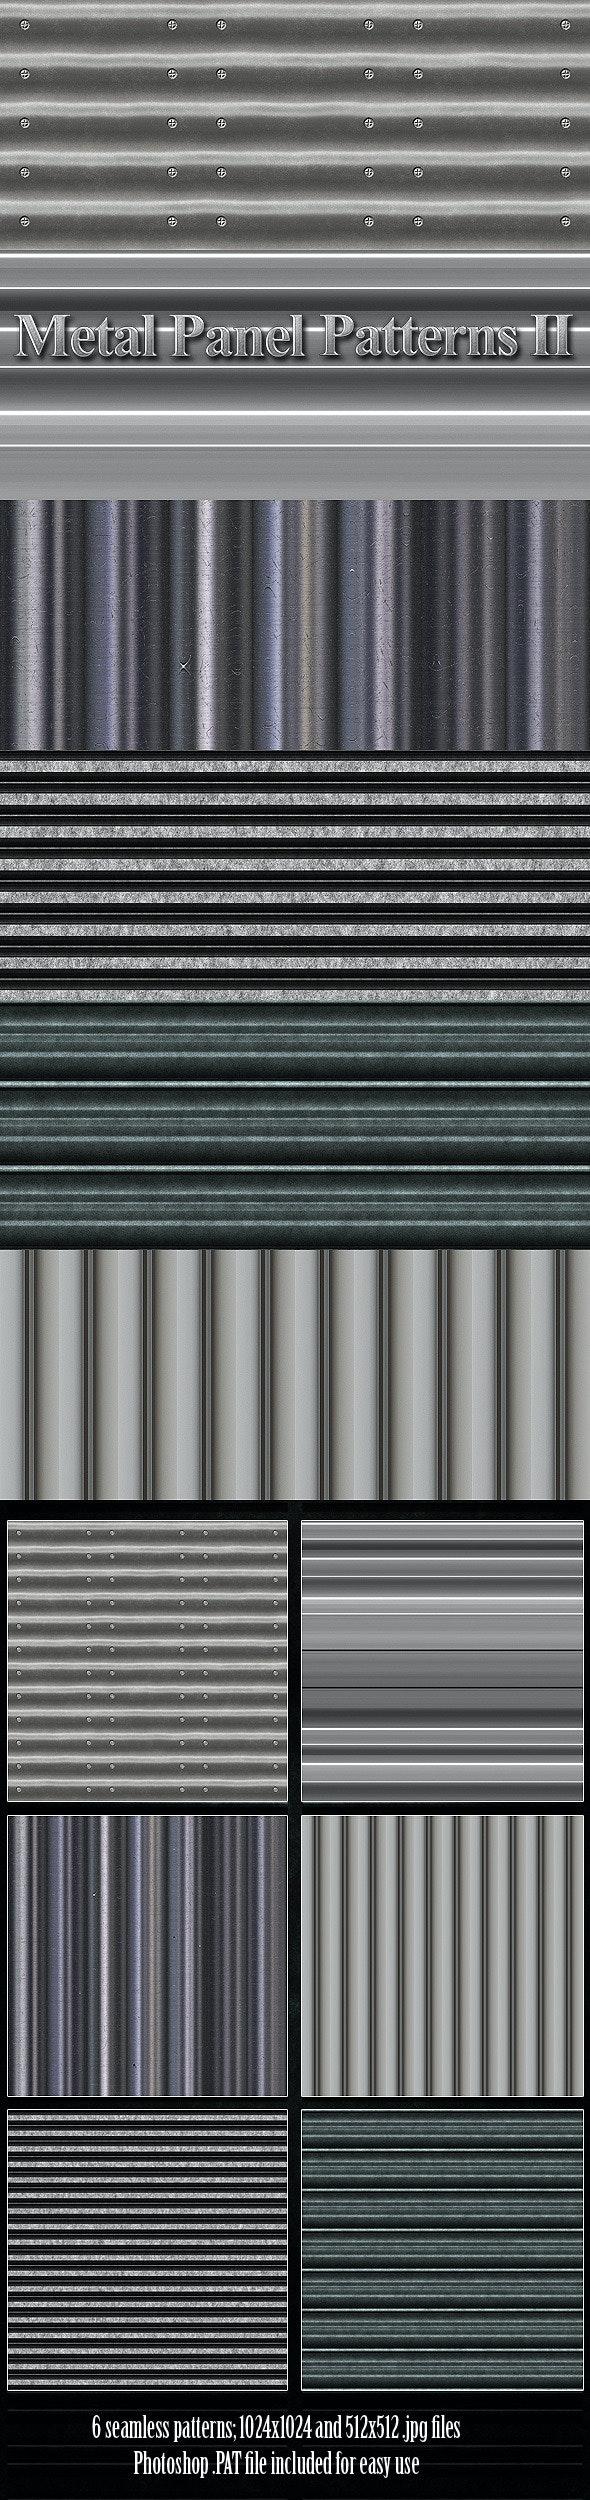 Metal Panel Patterns 2 - Urban Textures / Fills / Patterns